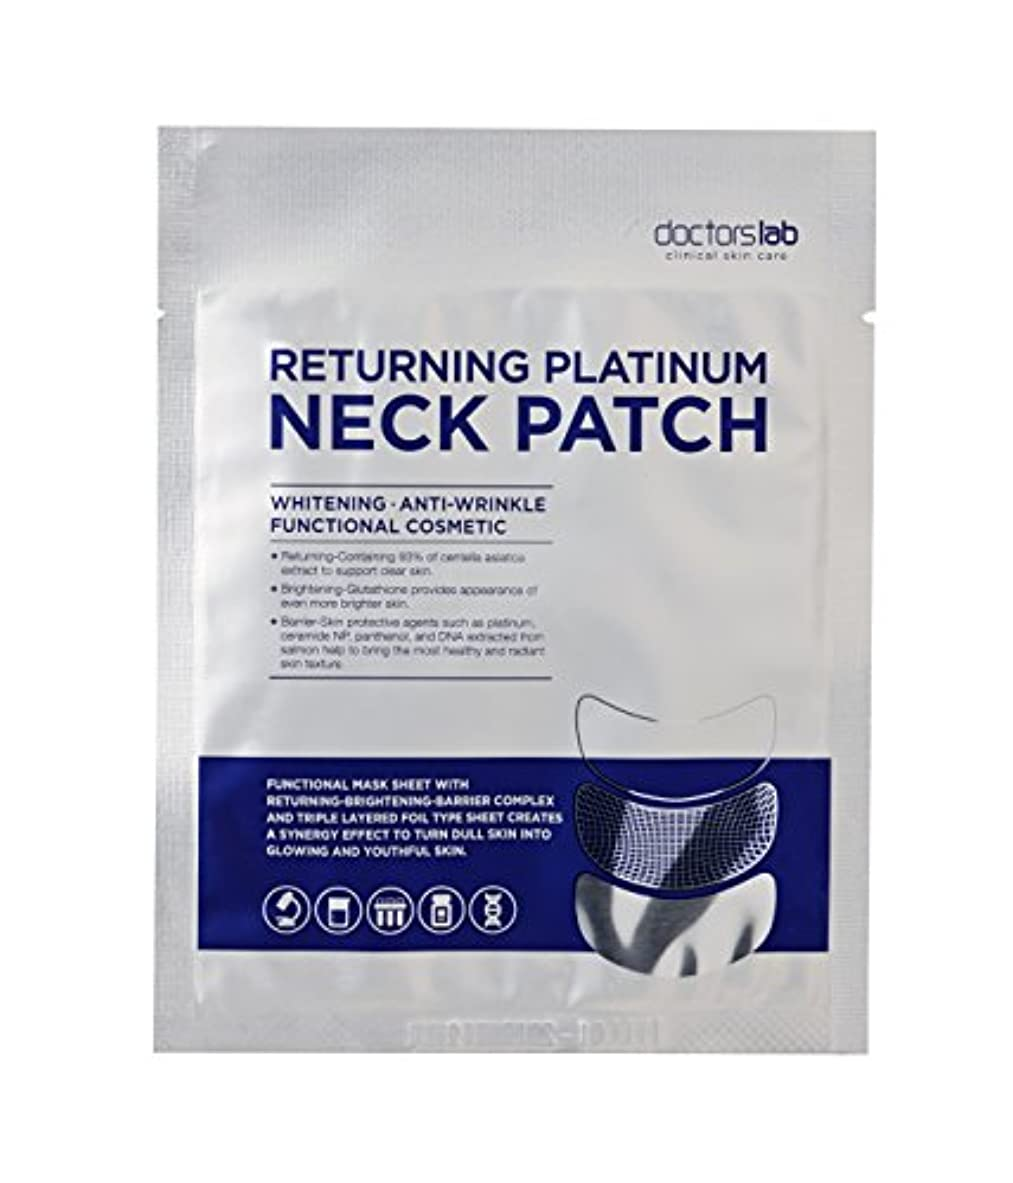 民兵オフ織機Doctor's Lab Clinical Skin Care 戻るプラチナネックパッチ 4本/箱